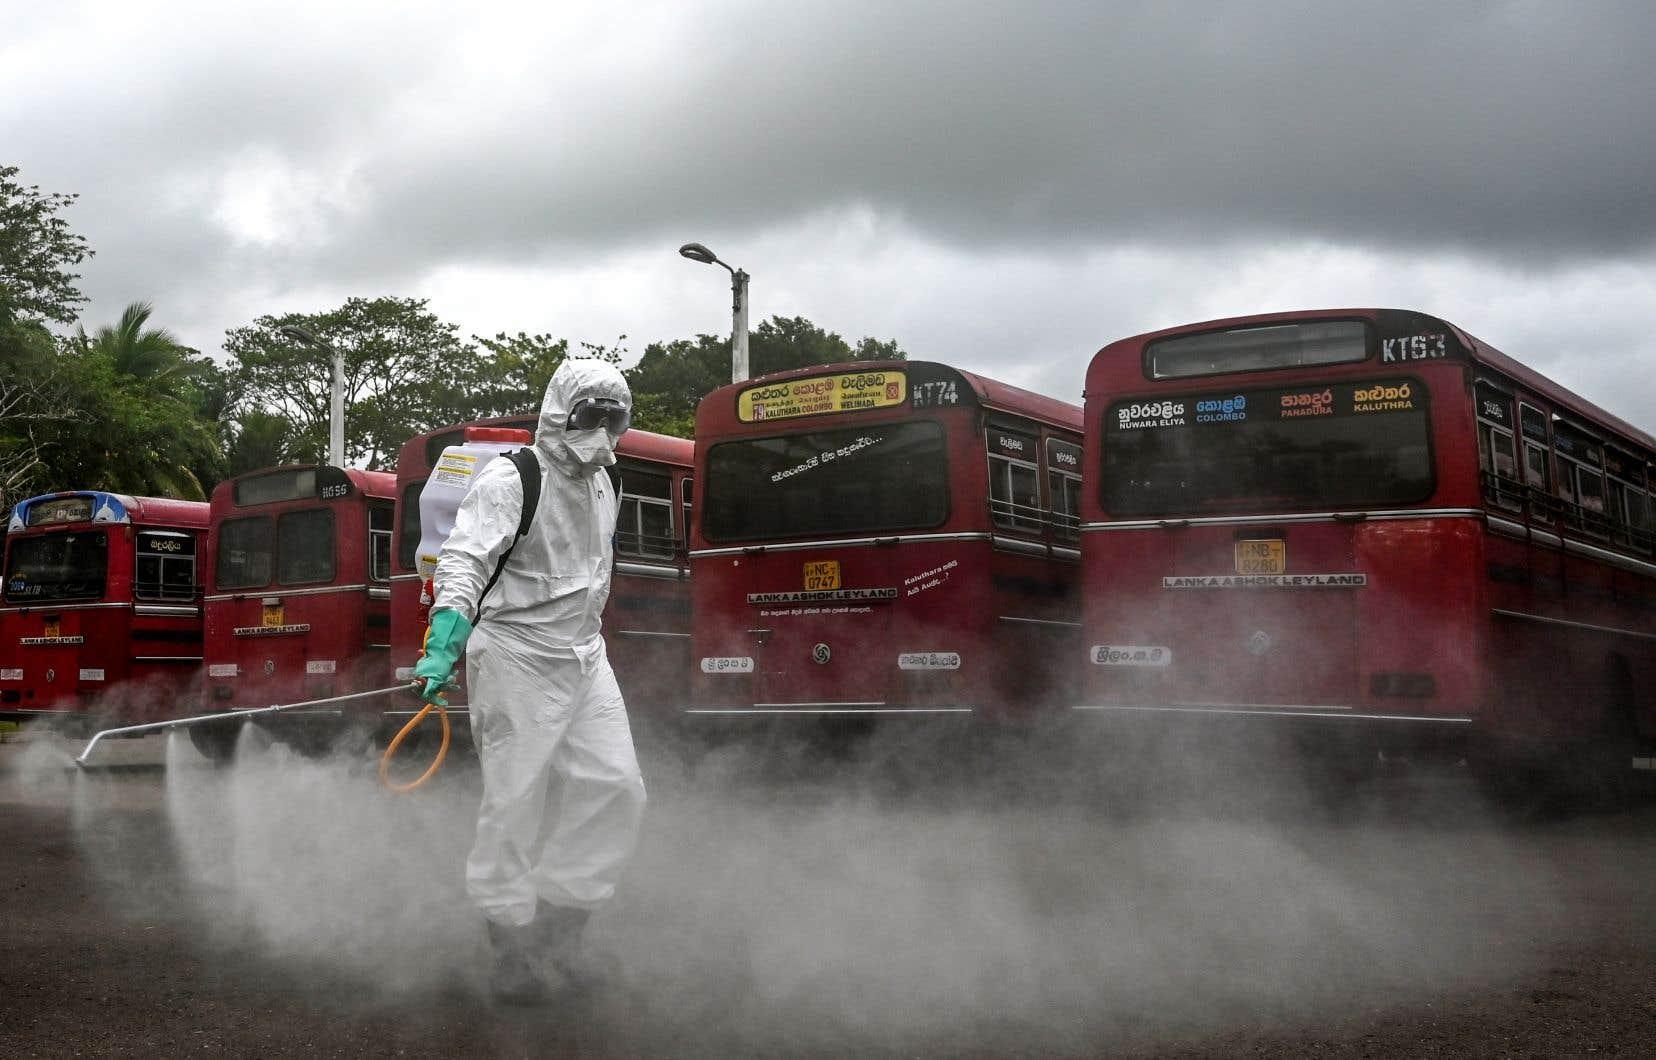 Un policier vêtu d'équipement de protection répand du désinfectant, au Sri Lanka. L'Organisation mondiale de la santé a prévenu samedi que cette pratique n'est pas efficace.